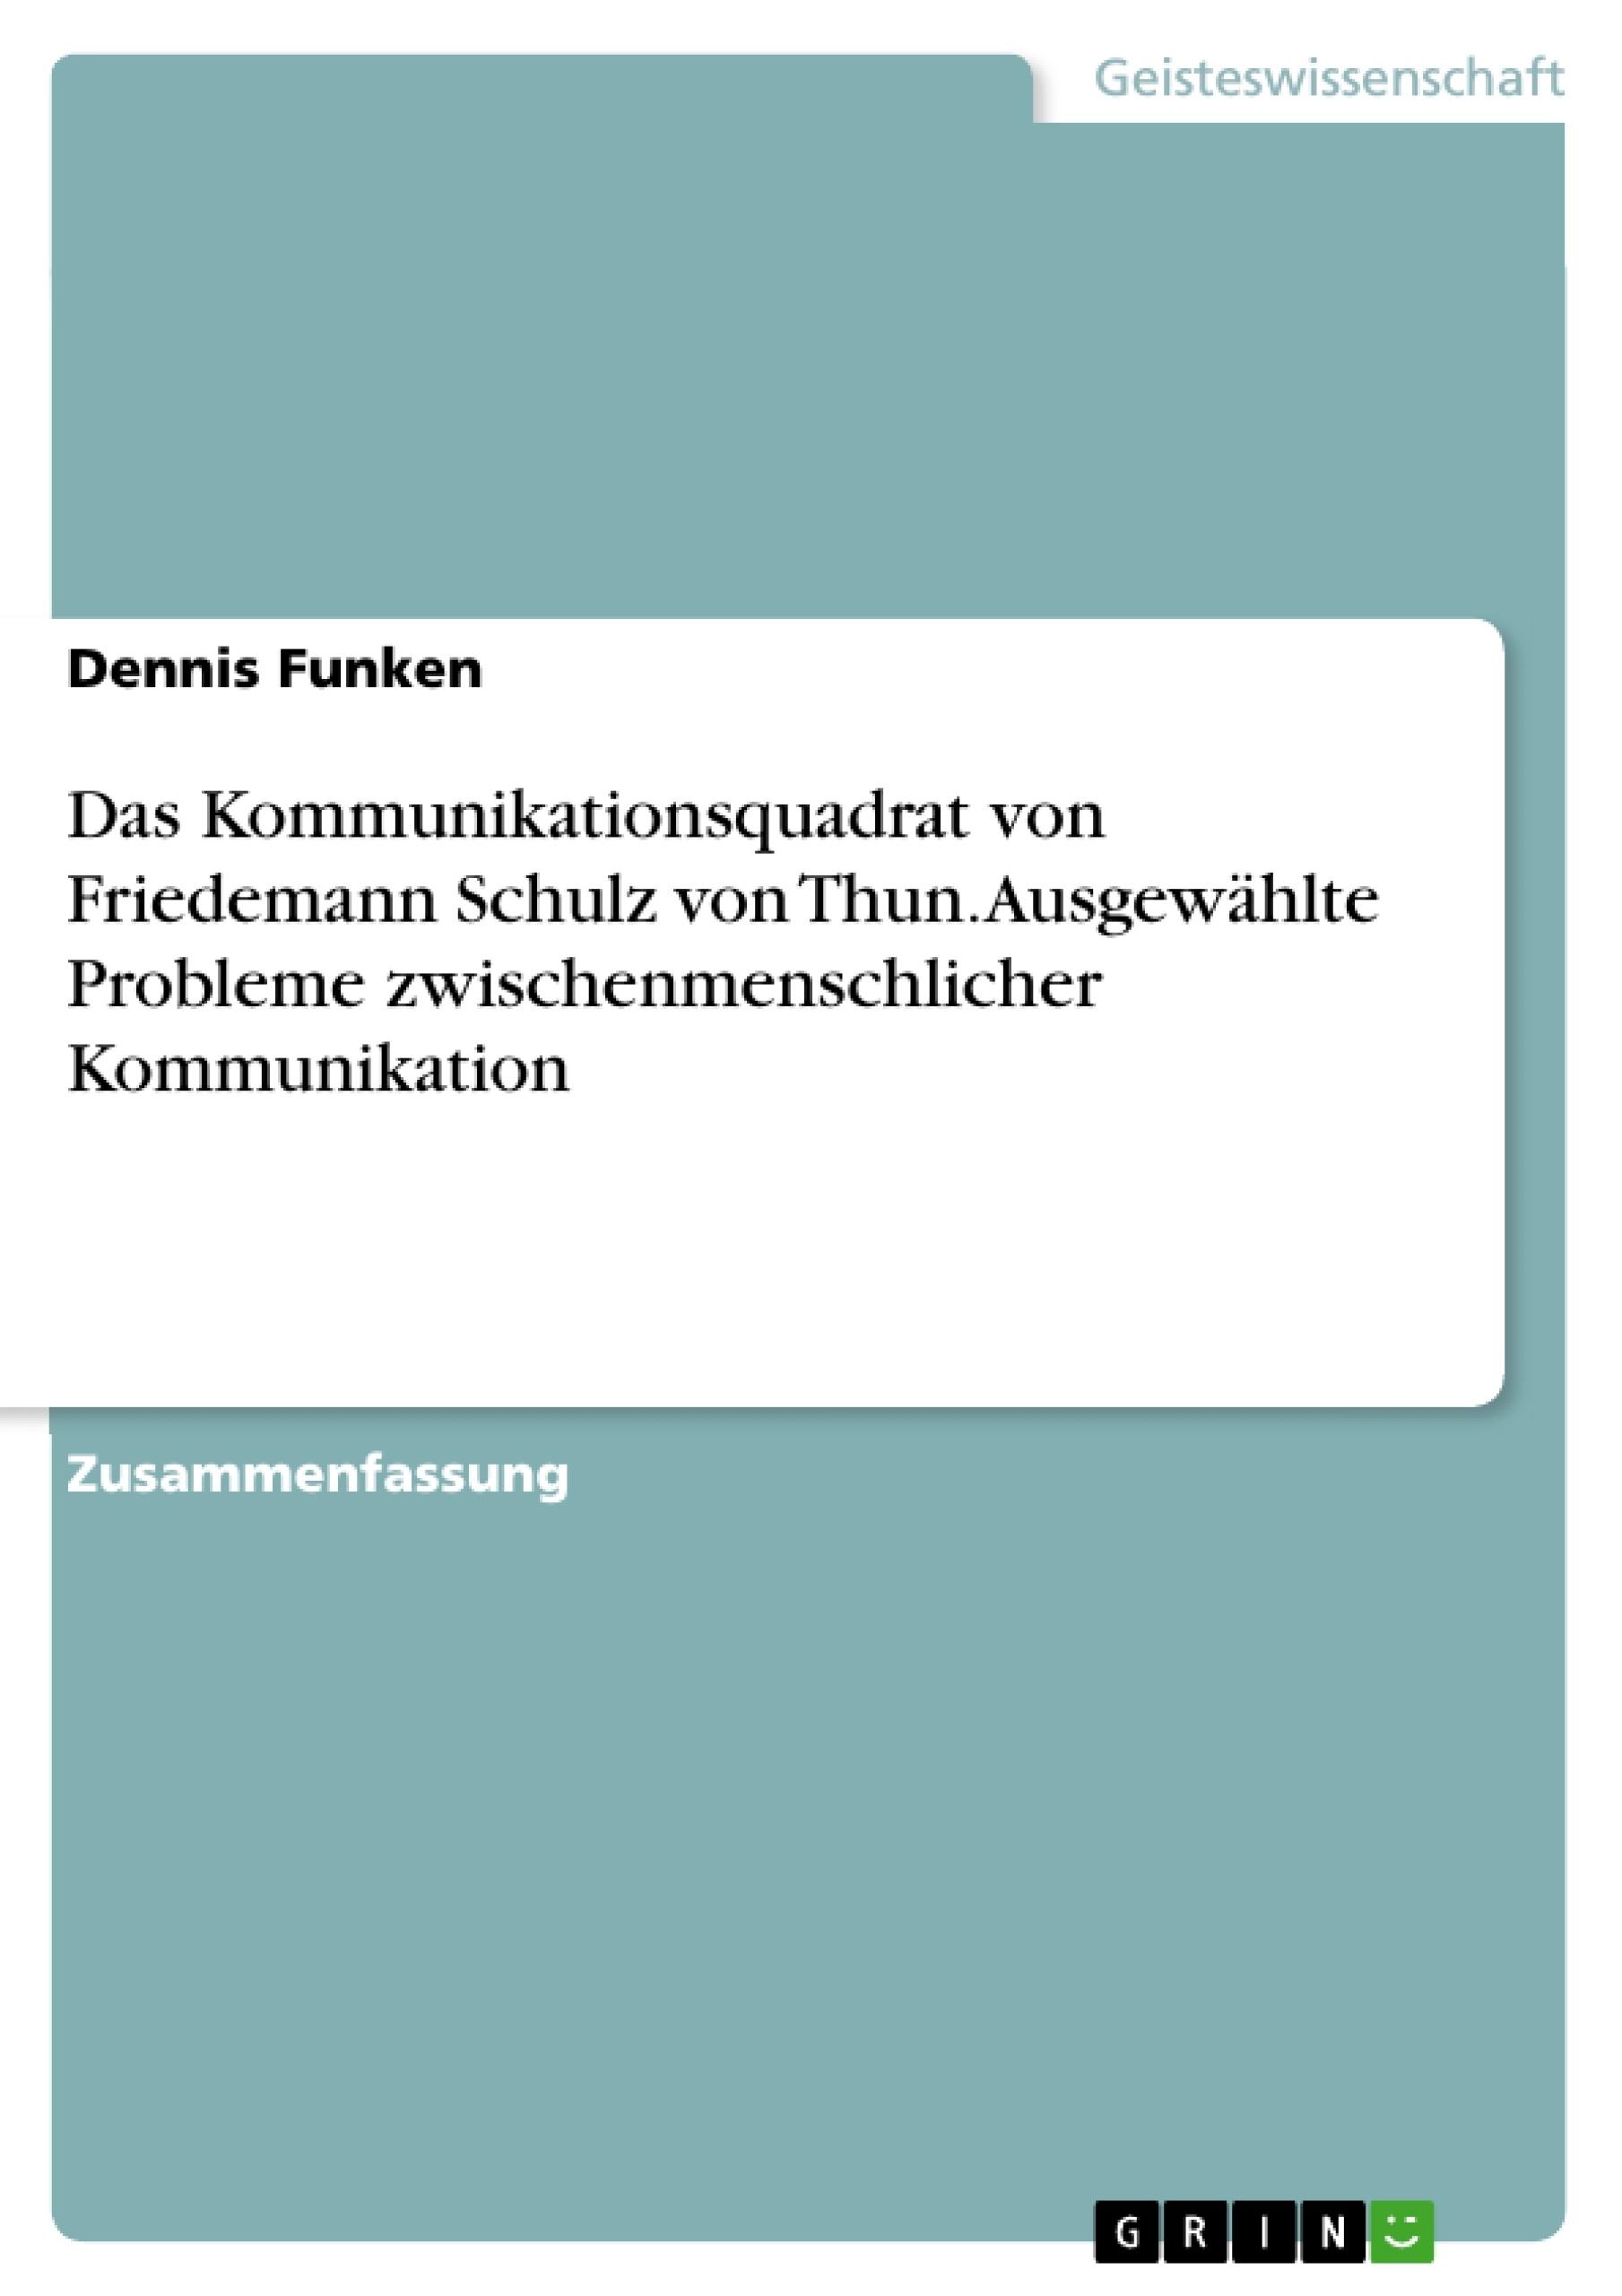 Titel: Das Kommunikationsquadrat von Friedemann Schulz von Thun. Ausgewählte Probleme zwischenmenschlicher Kommunikation